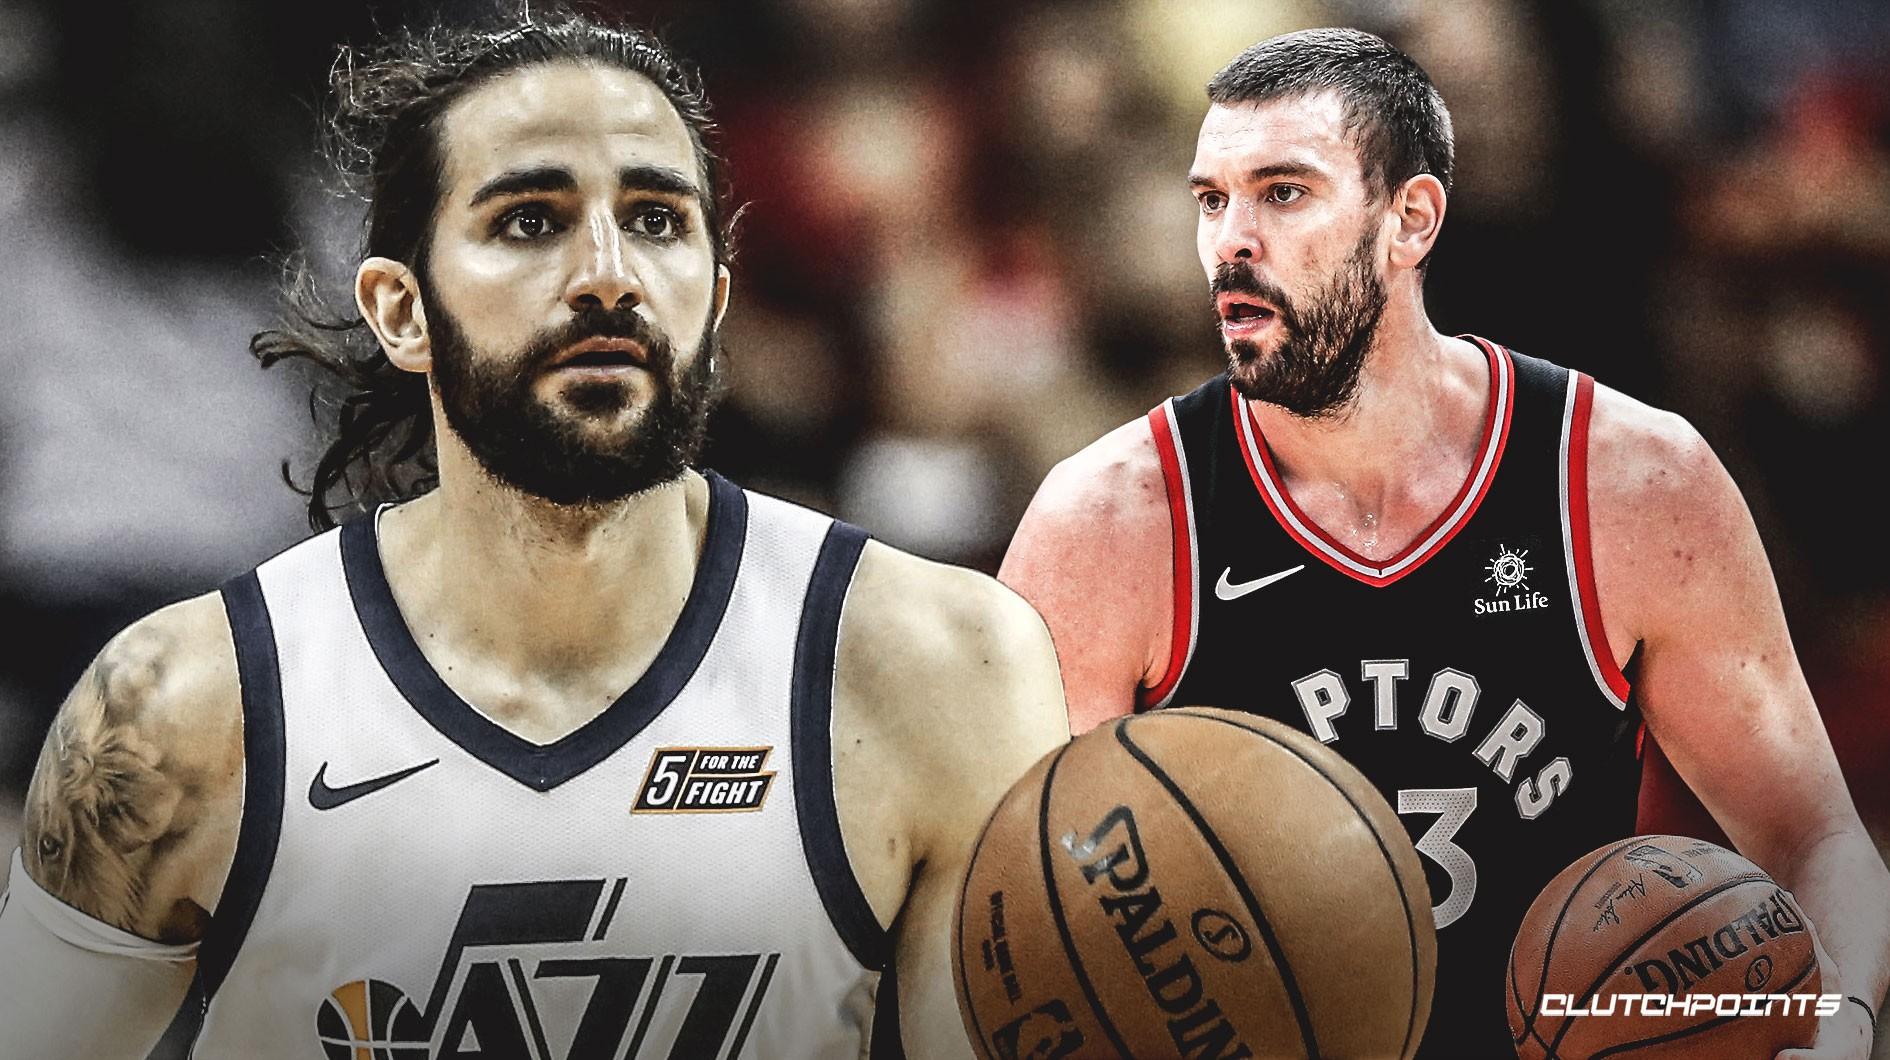 Nhà vô địch NBA 2019 xuất hiện trong danh sách sơ bộ của tuyển bóng rổ Tây Ban Nha - Ảnh 1.